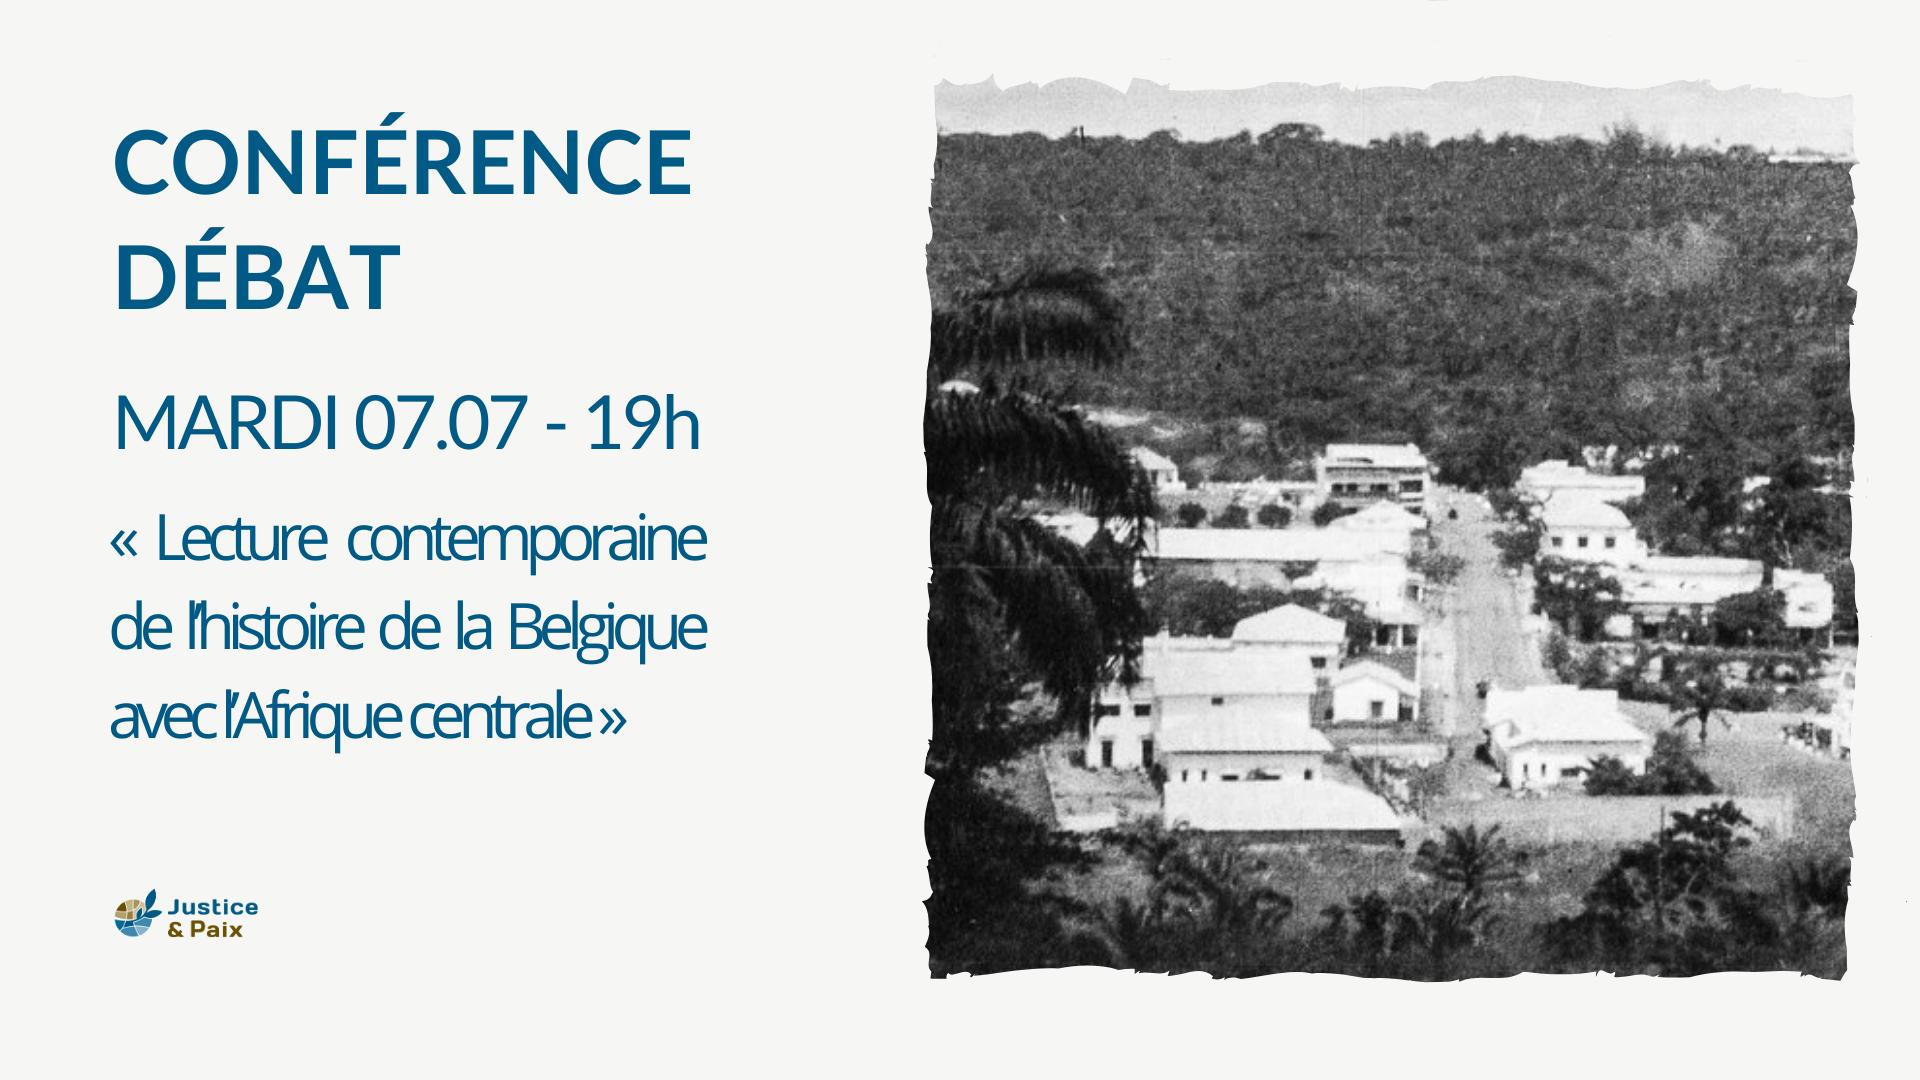 conference-debat_-_lecture_contemporaine_de_l_histoire_de_la_belgique_avec_l_afrique_centrale_1_.png